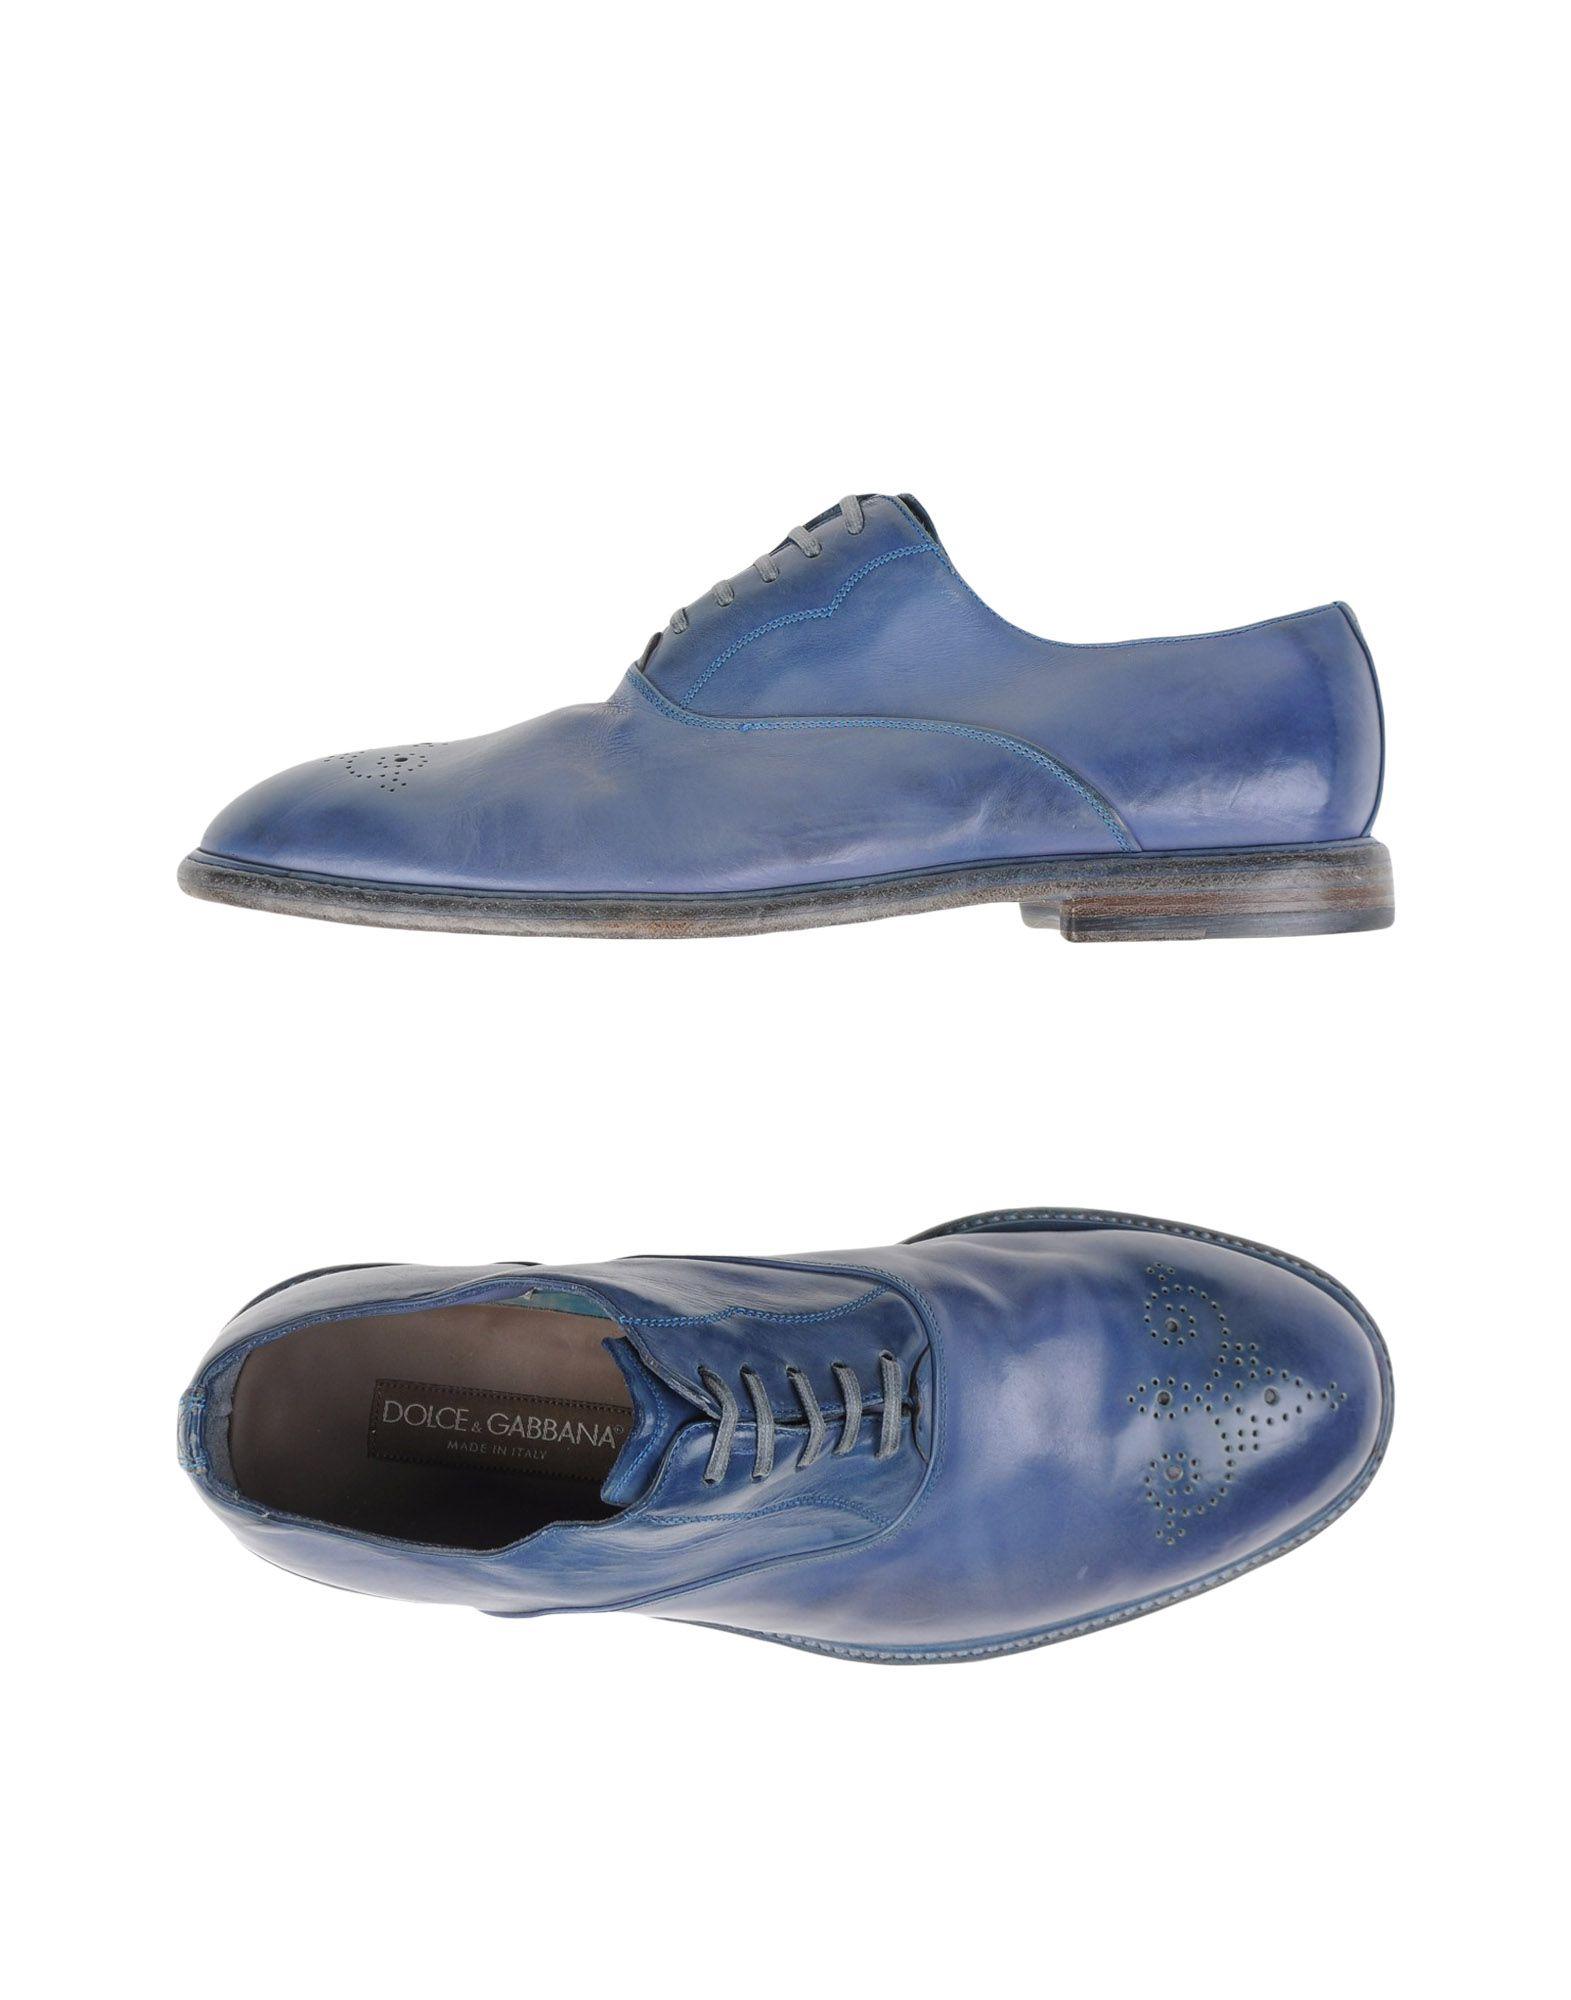 Dolce & Gabbana Schnürschuhe Herren  11094708BH Gute Qualität beliebte Schuhe